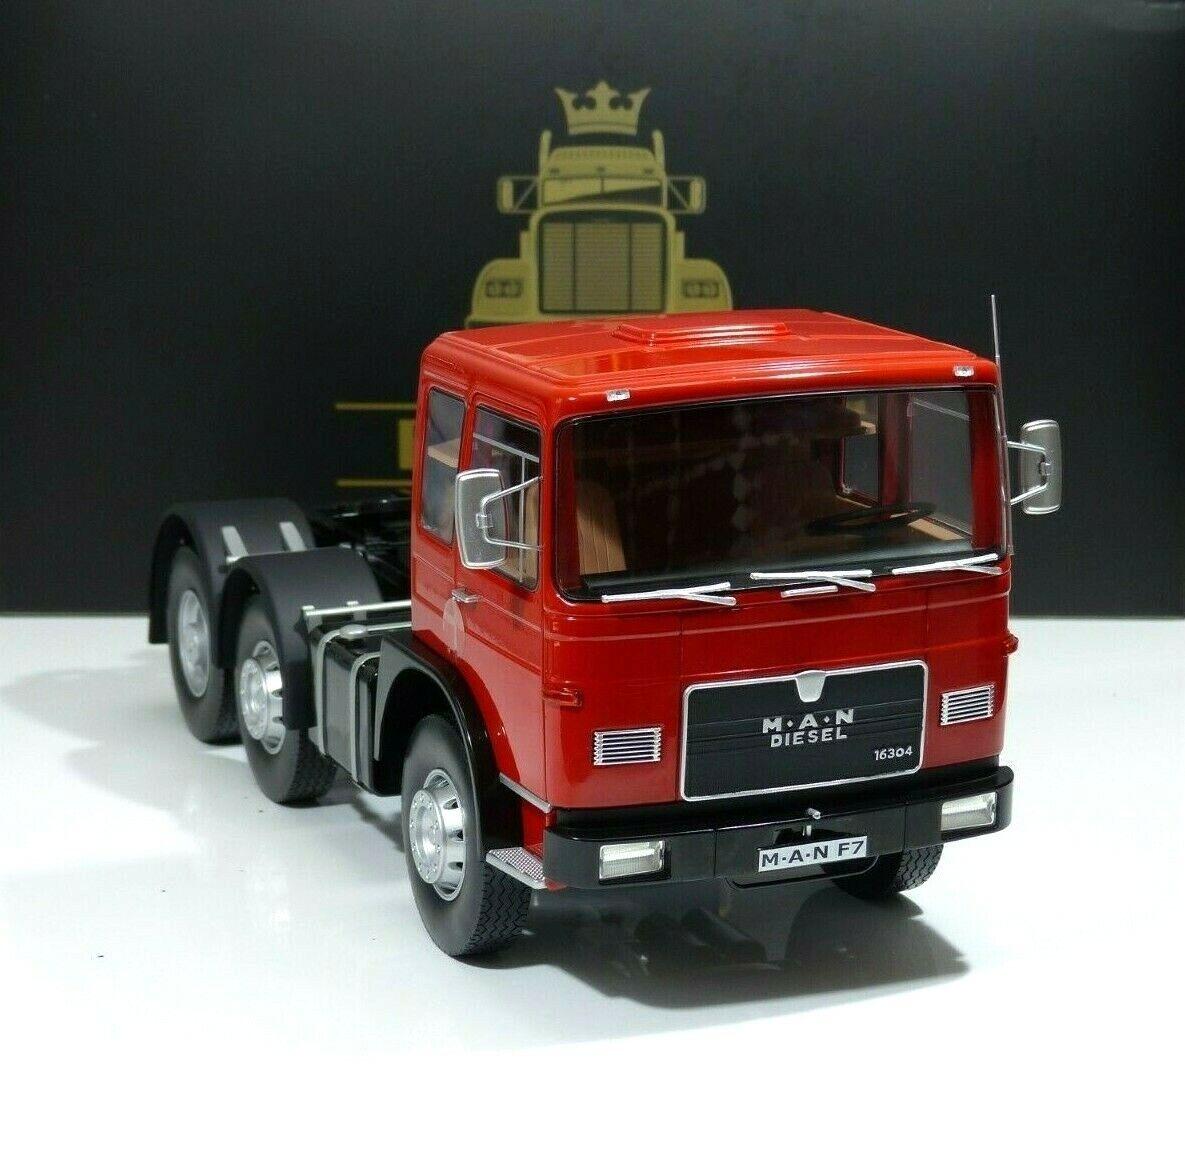 mejor calidad mejor precio Con A. N. F7 Cabeza Tractora 16.304 Bauj. 1972 rojo rojo rojo   Negro Road Kings 1 18  distribución global